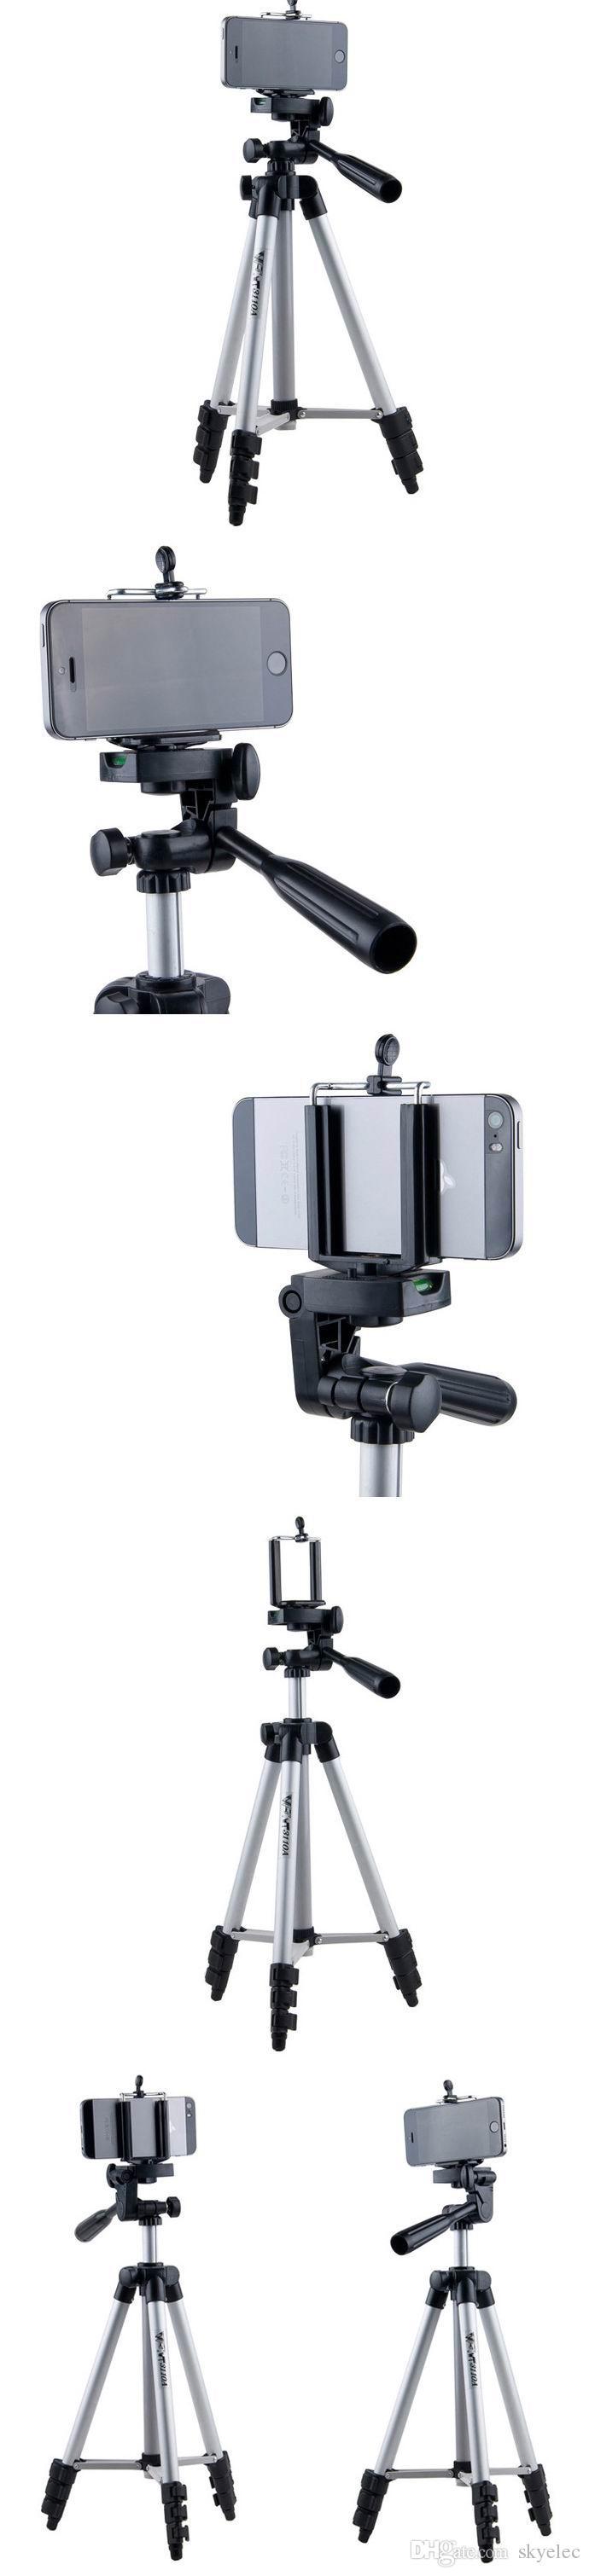 삼각대 휴대 전화 삼각대 알루미늄 합금 야간 조명 라이트 망원경 카메라 삼각대 사진 범용 마이크로 싱글 브래킷